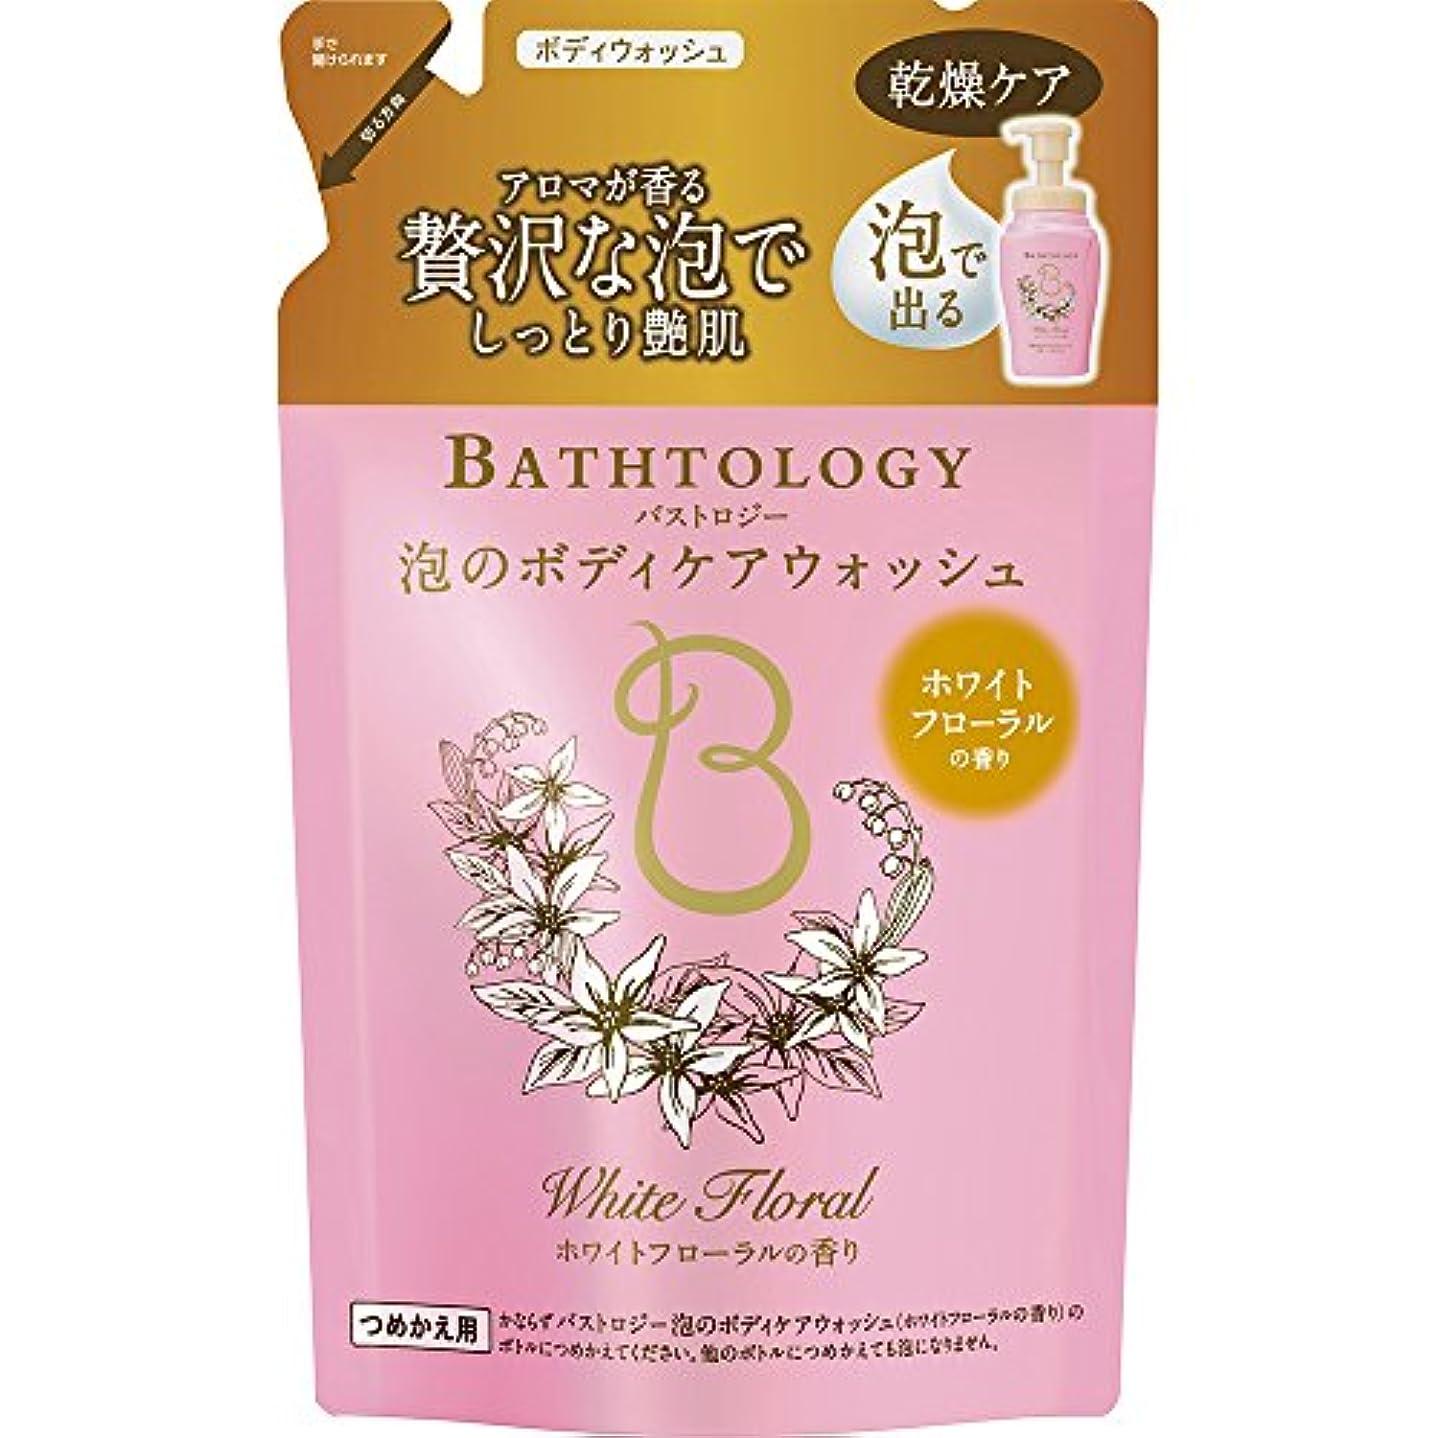 シリアル洗剤合法BATHTOLOGY 泡のボディケアウォッシュ ホワイトフローラルの香り 詰め替え 350ml